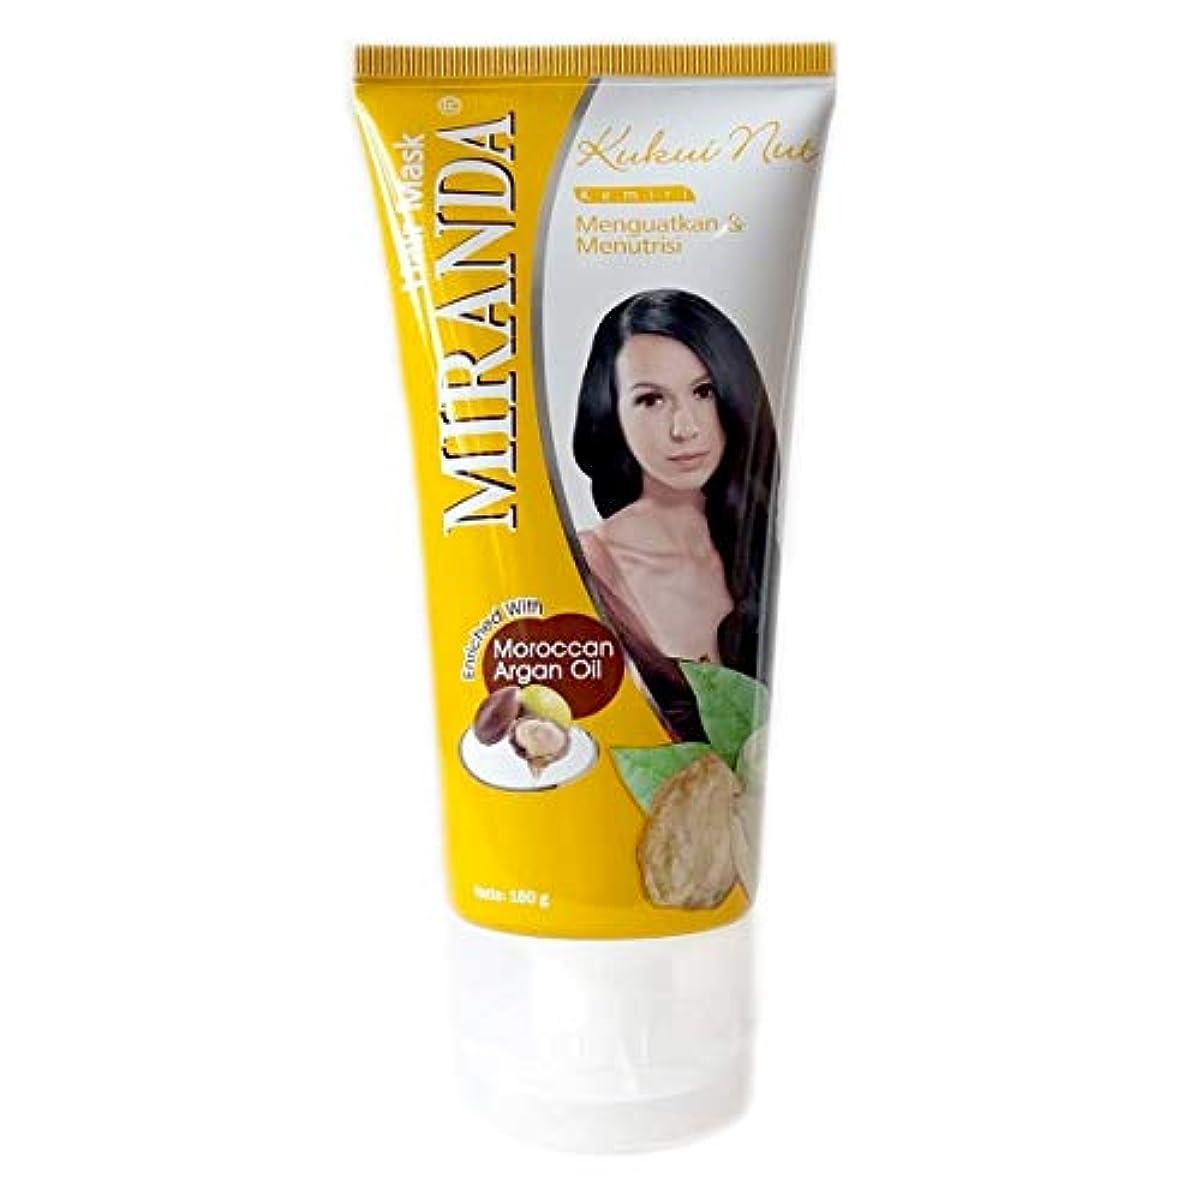 等消費する不要MIRANDA ミランダ Hair Mask ヘアマスク モロッカンアルガンオイル主成分のヘアトリートメント 160g Kukui nut クミリ [海外直送品]